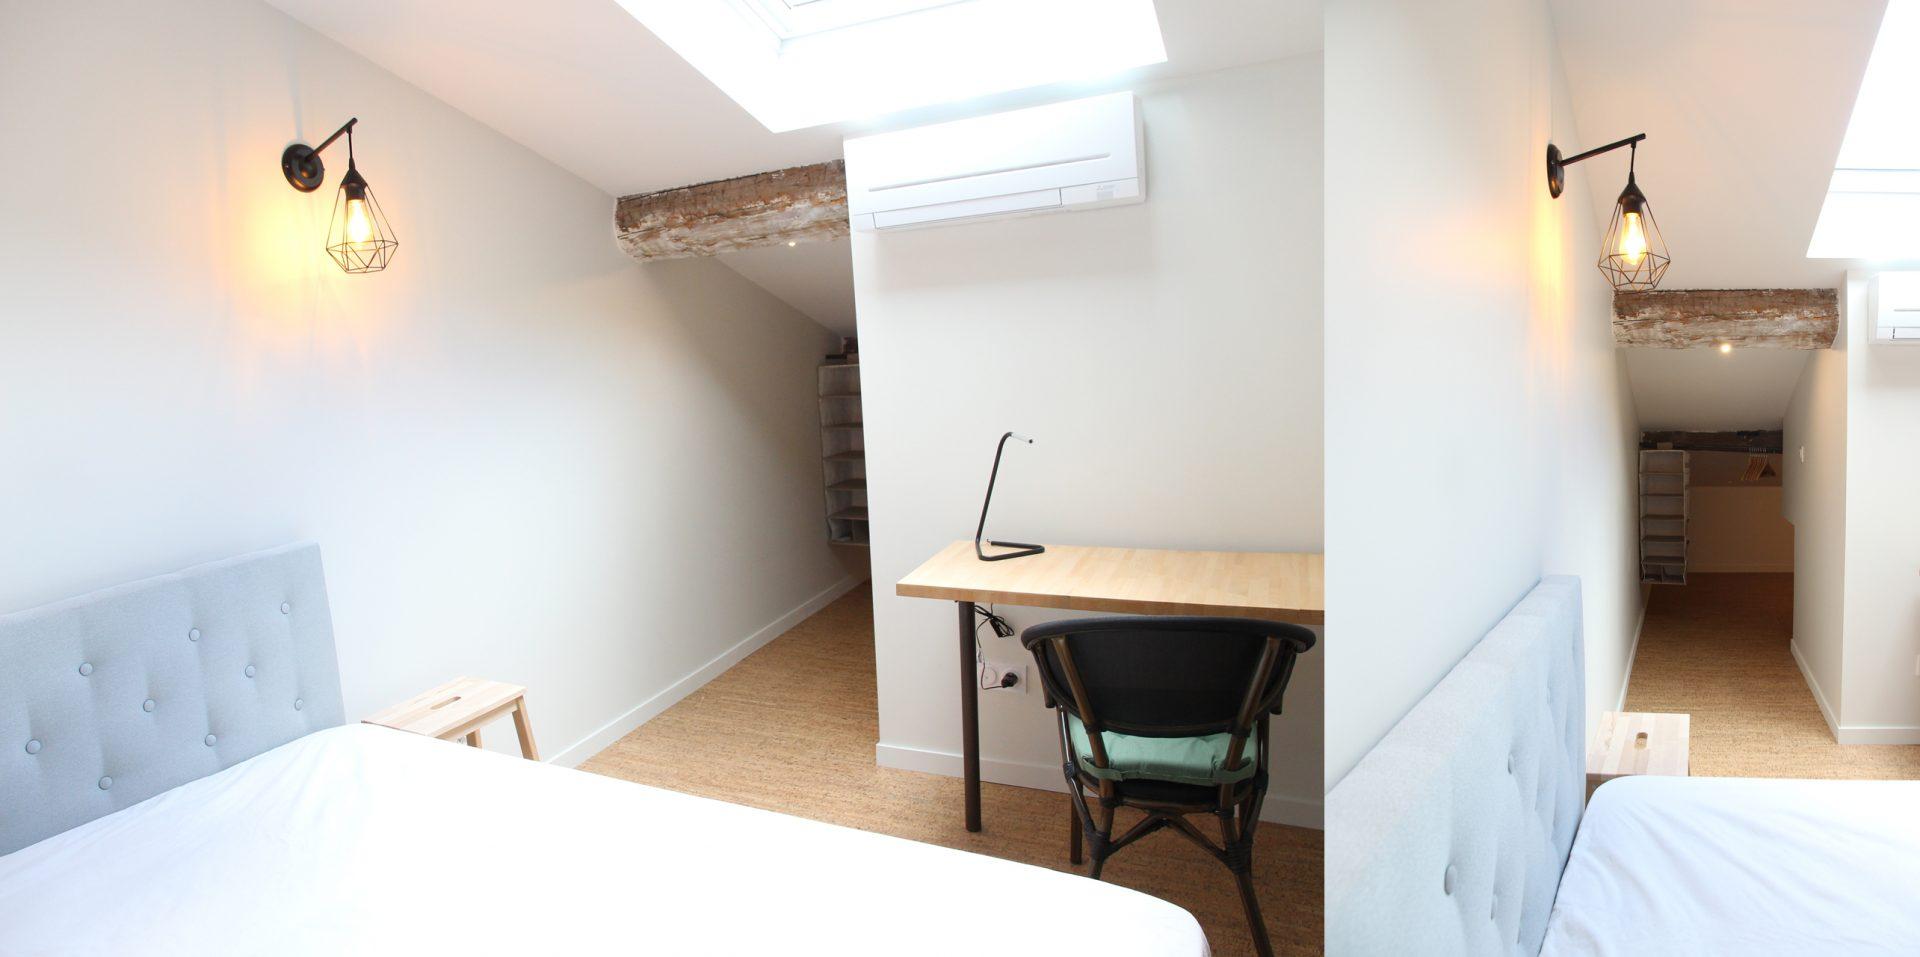 Aménagement de duplex pour du locatif duplex 2 chambre